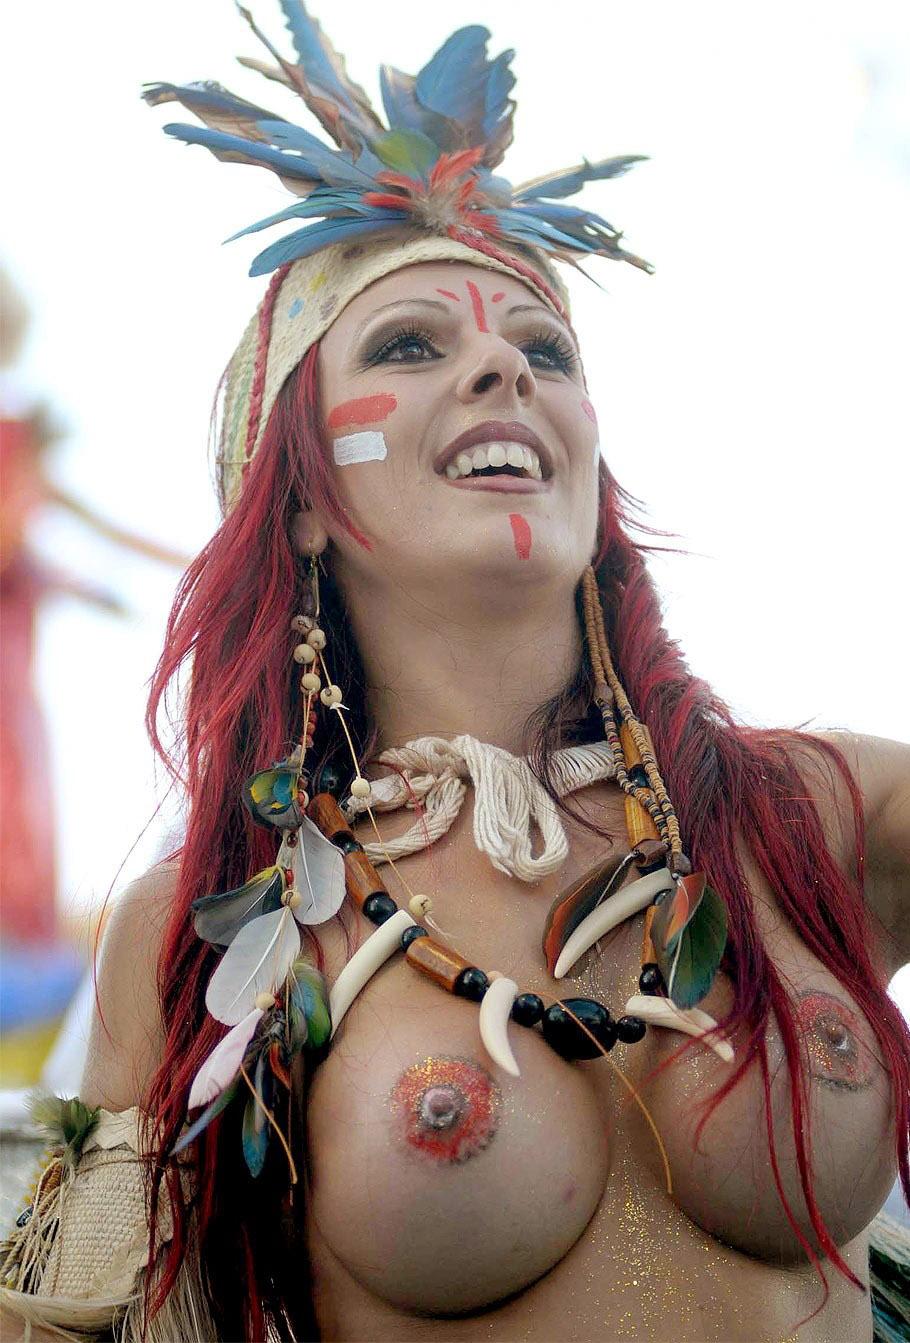 【外人エロ画像】公認猥褻ですw乳首露出しまくりの情熱サンバカーニバル 02